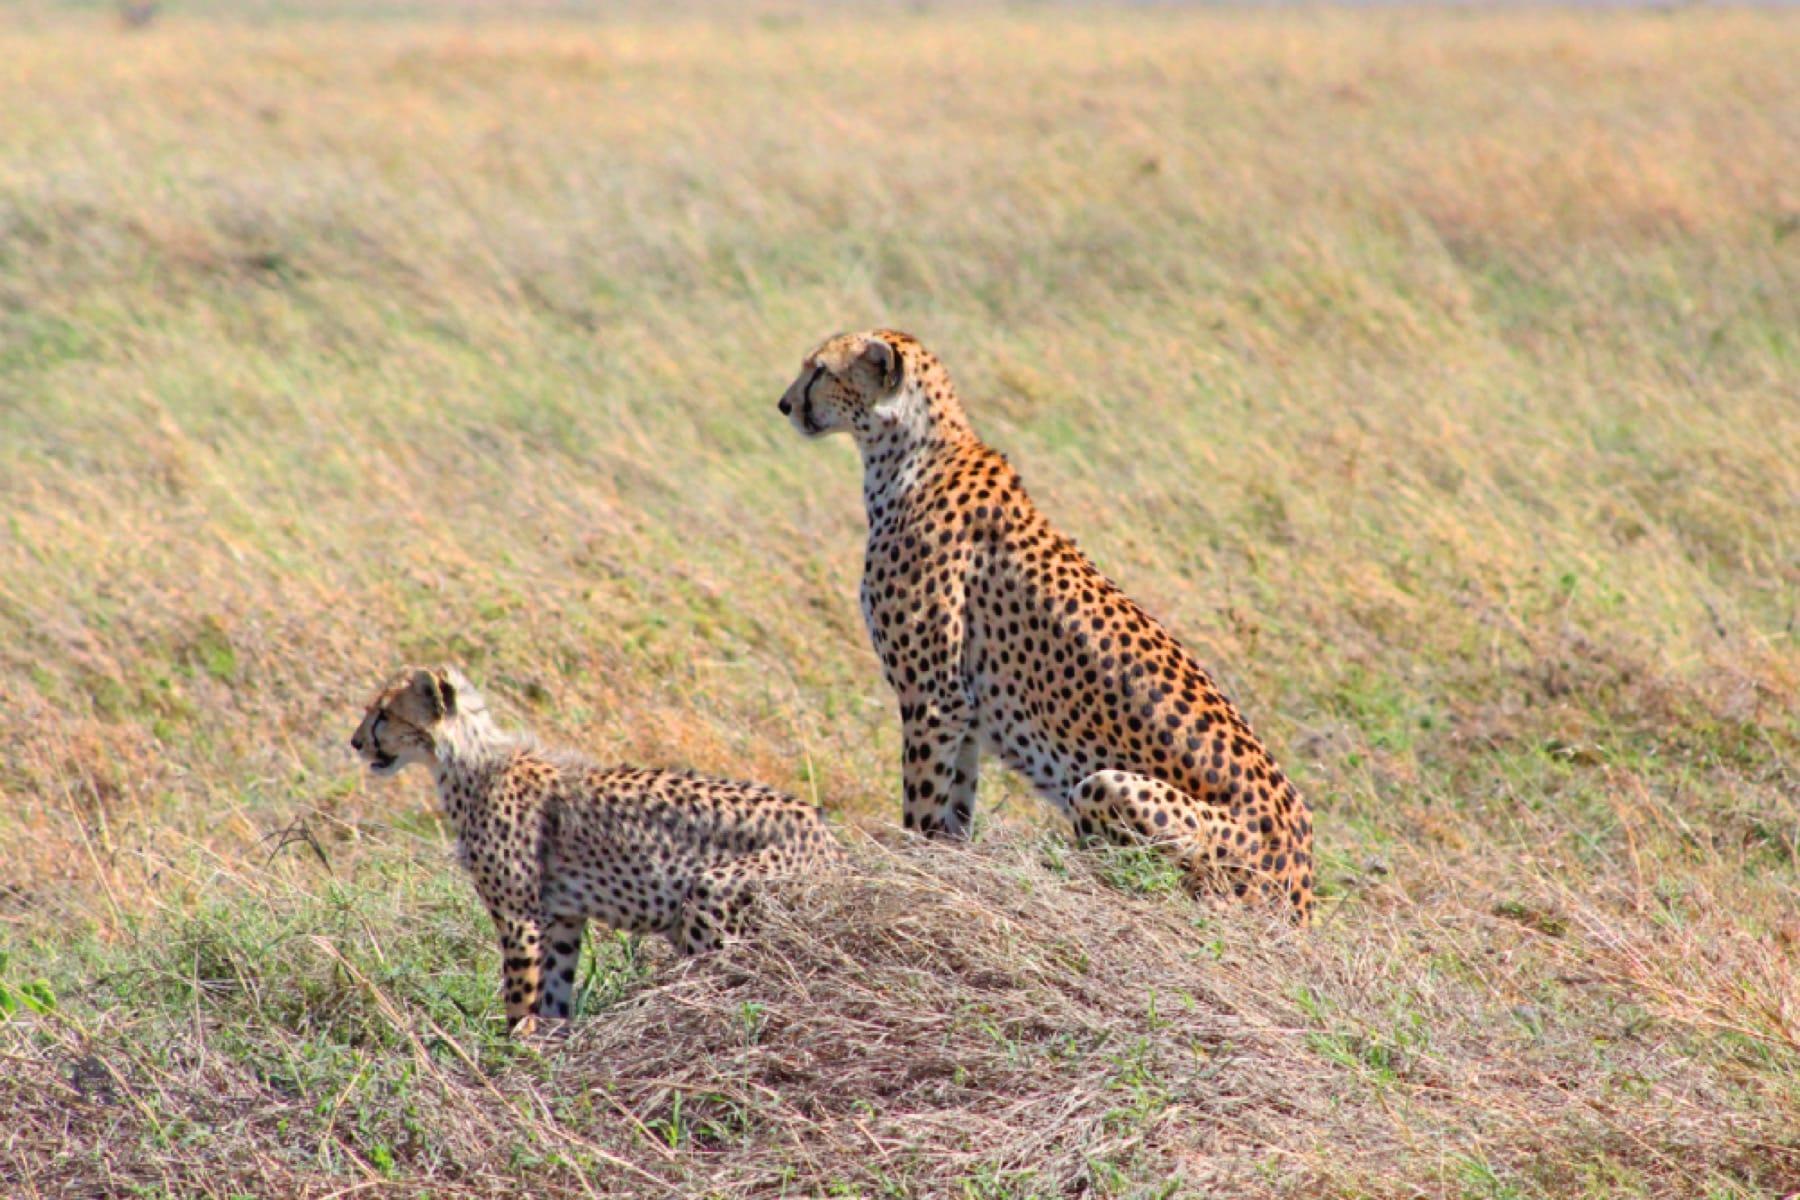 cheetah pair wildlfie ngorongoro crater tanzania safari